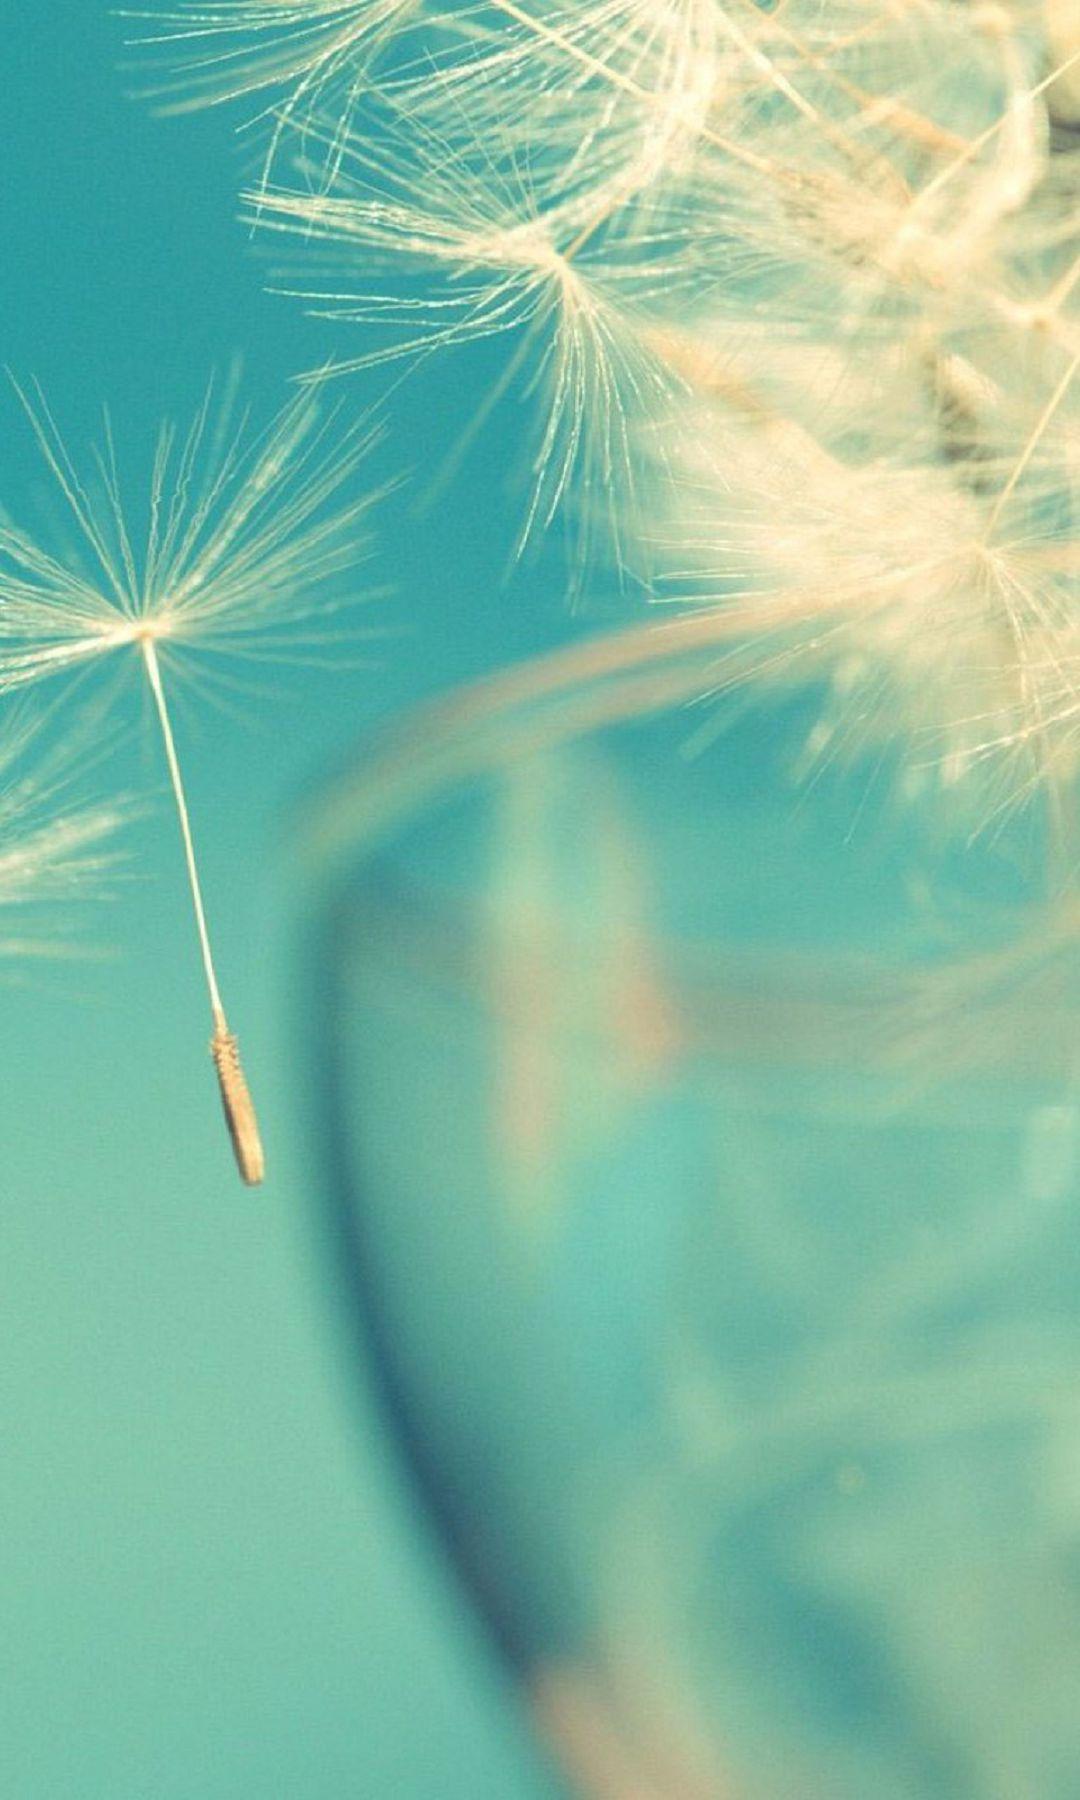 Flying Dandelions htc one wallpaper